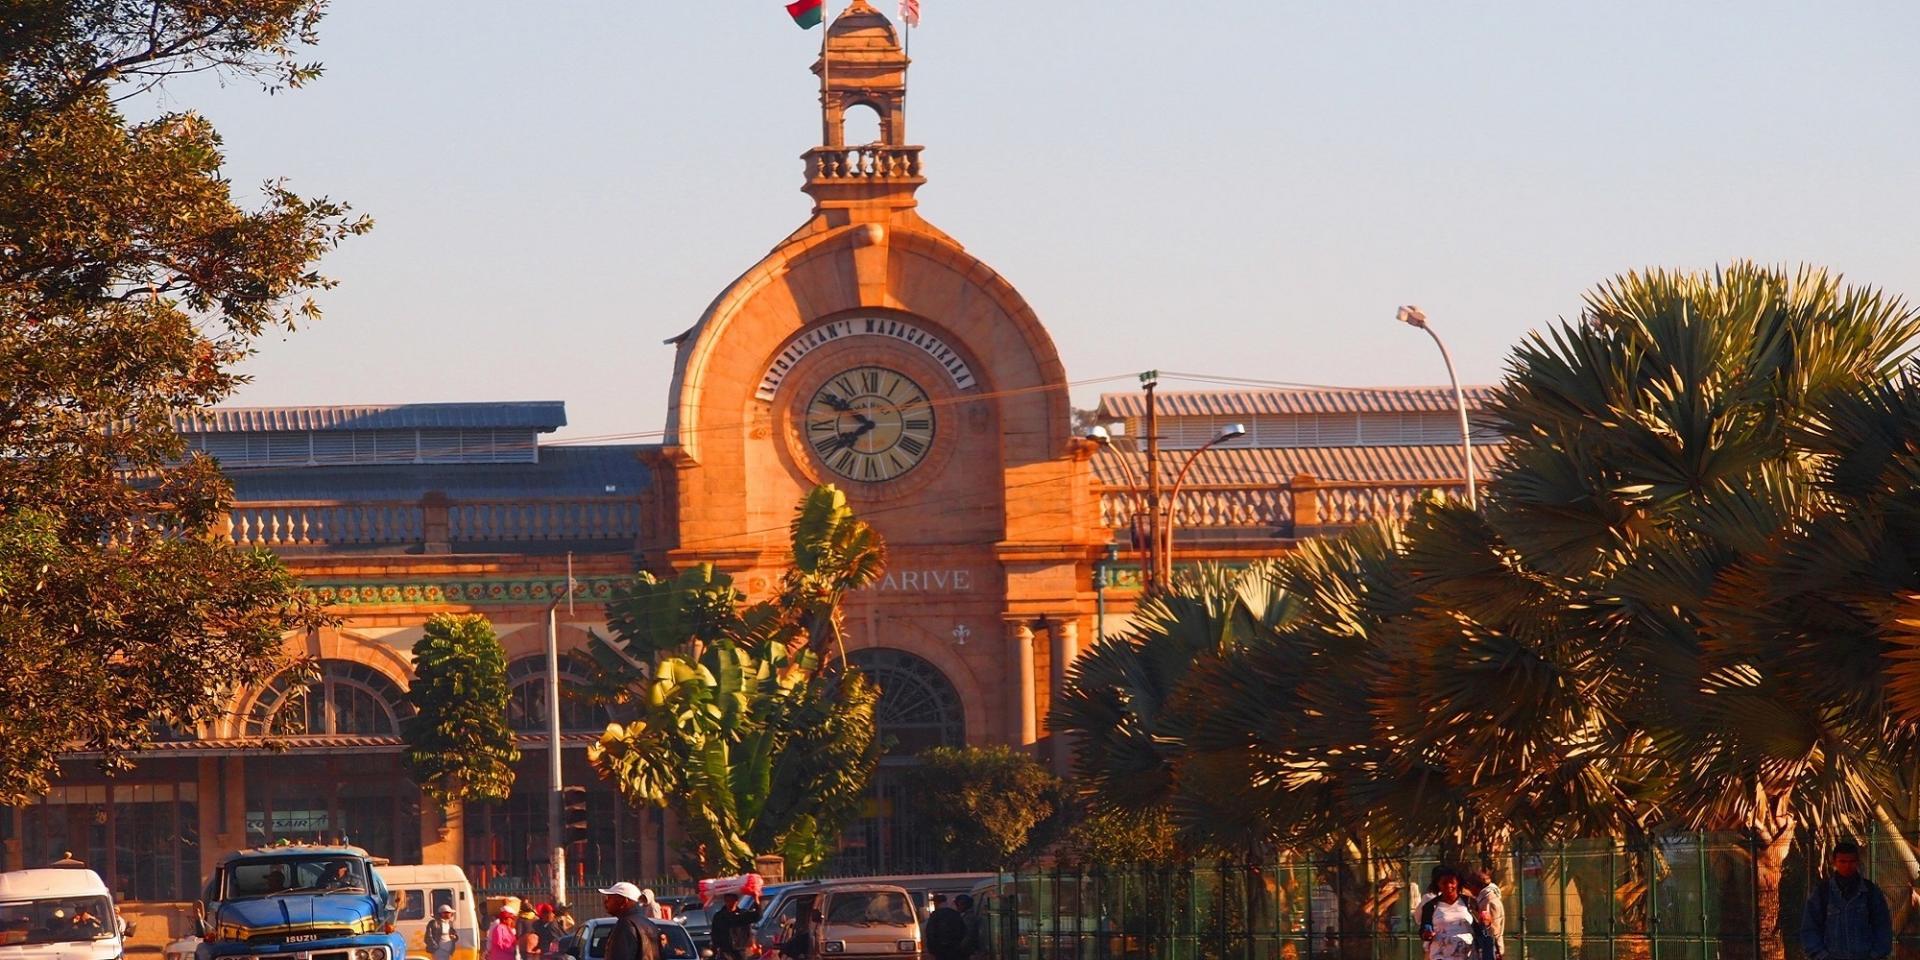 Soarano train station antananarivo madagascar